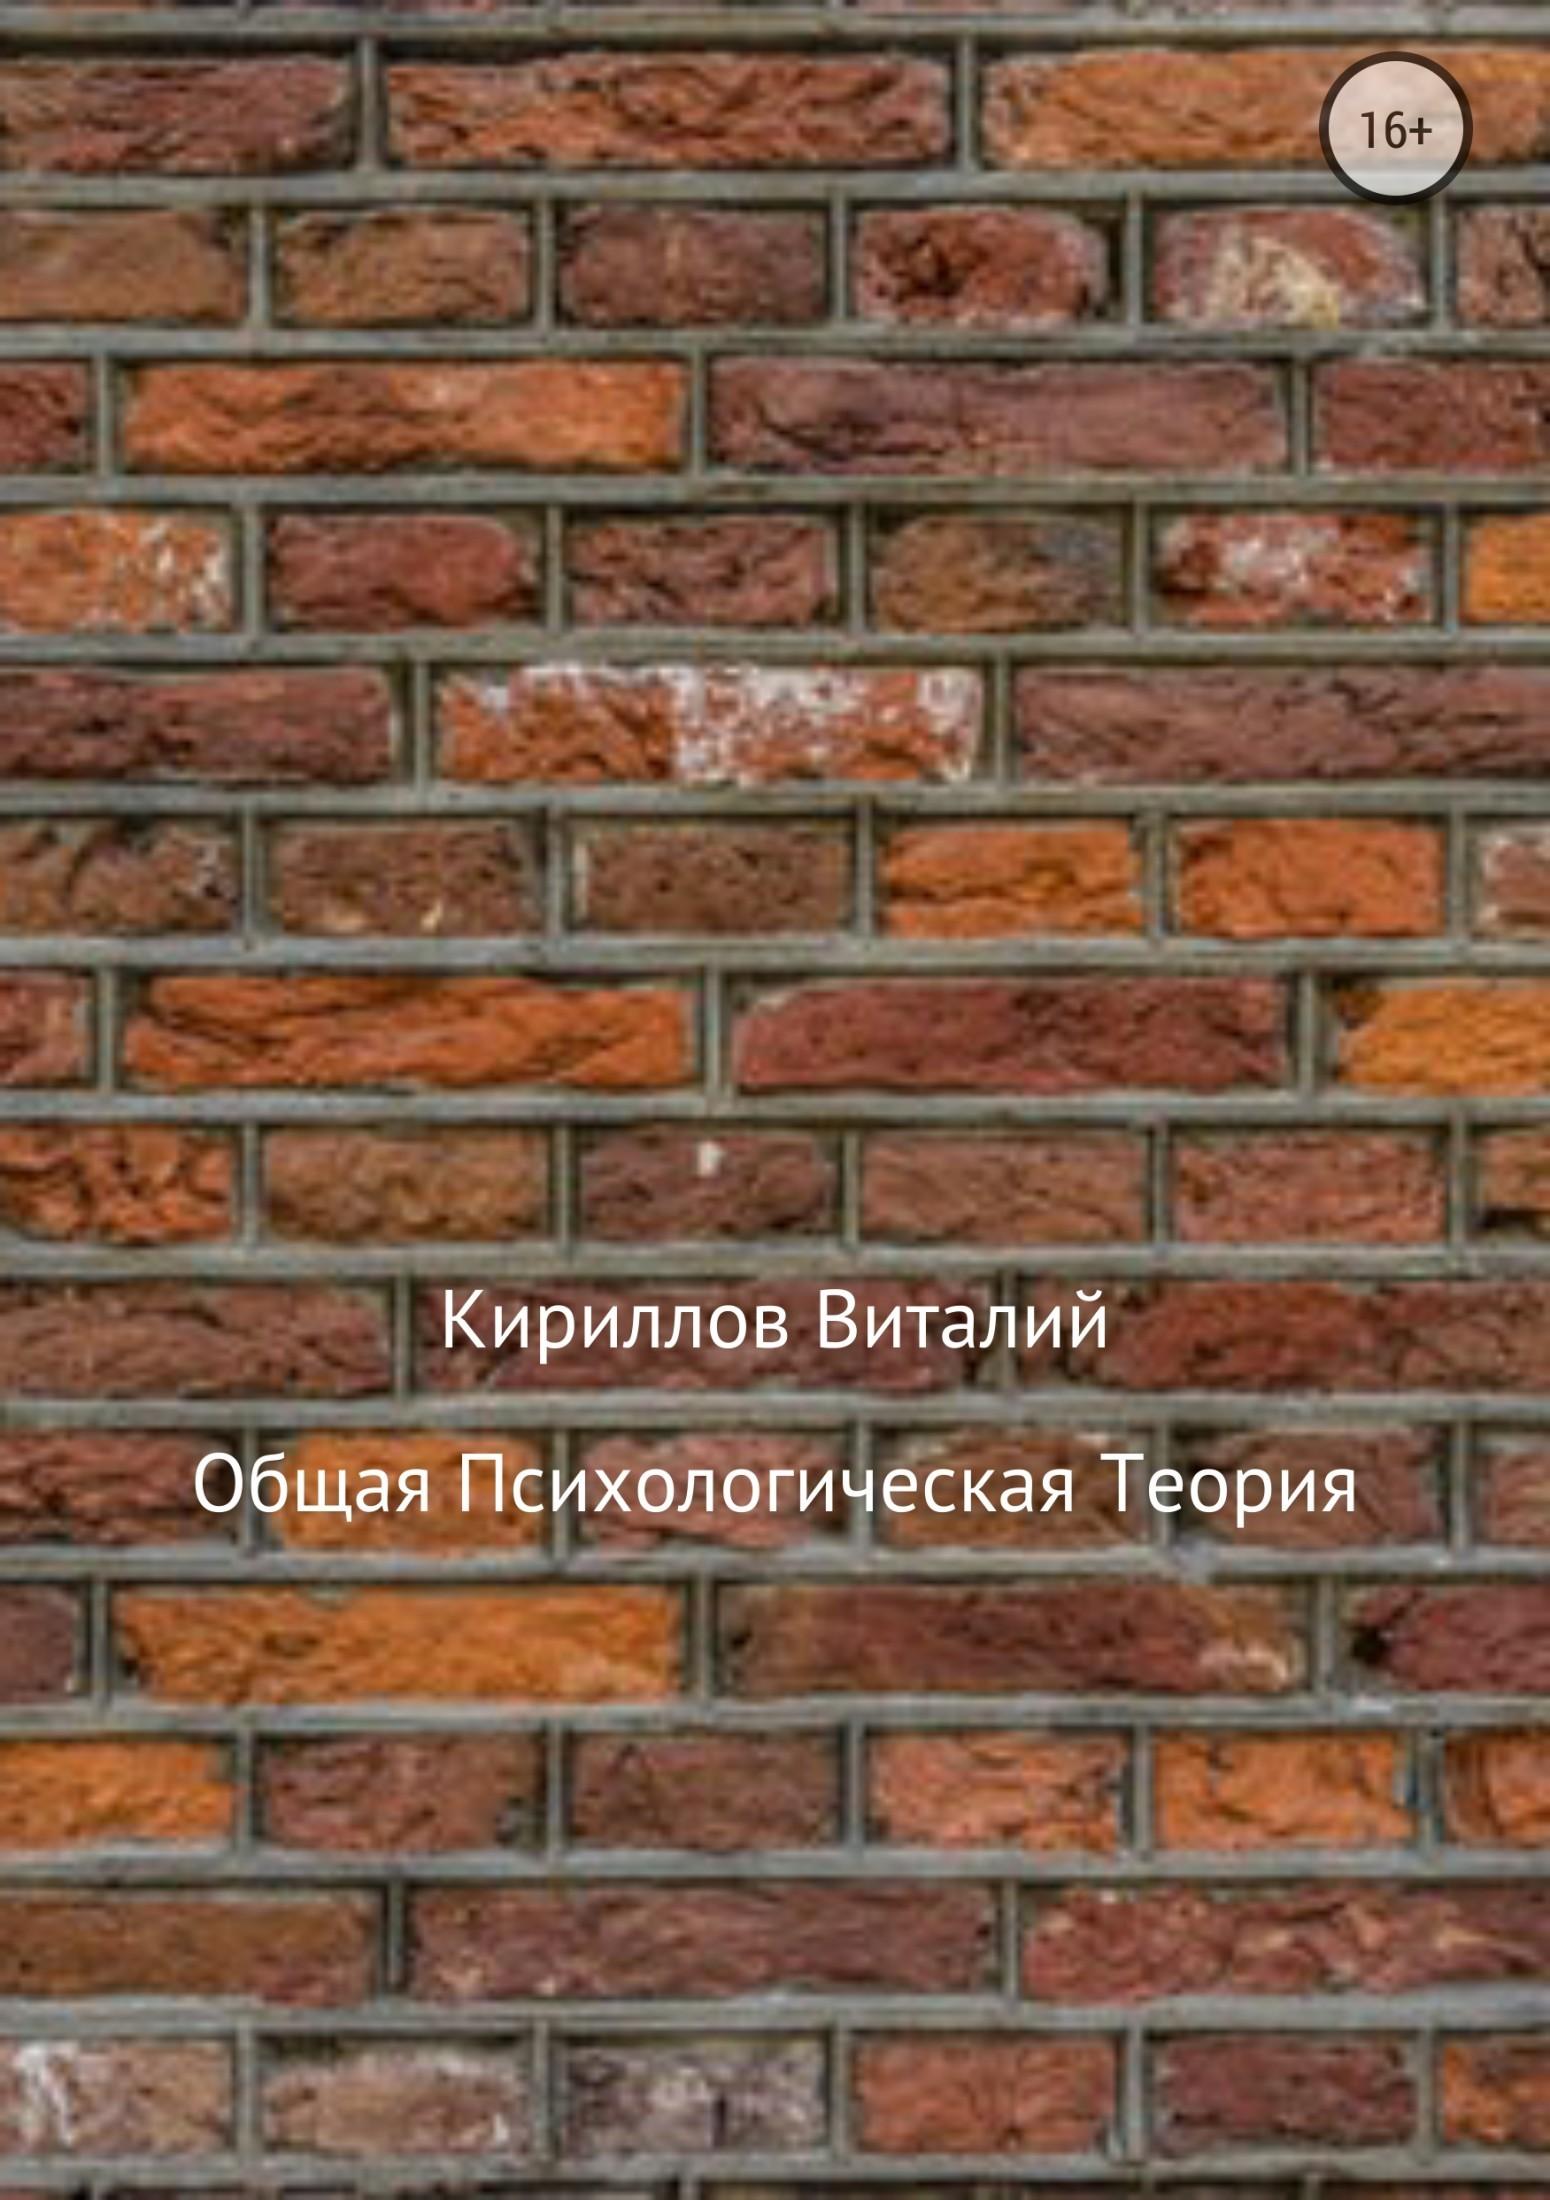 Виталий Кириллов «Общая психологическая теория»